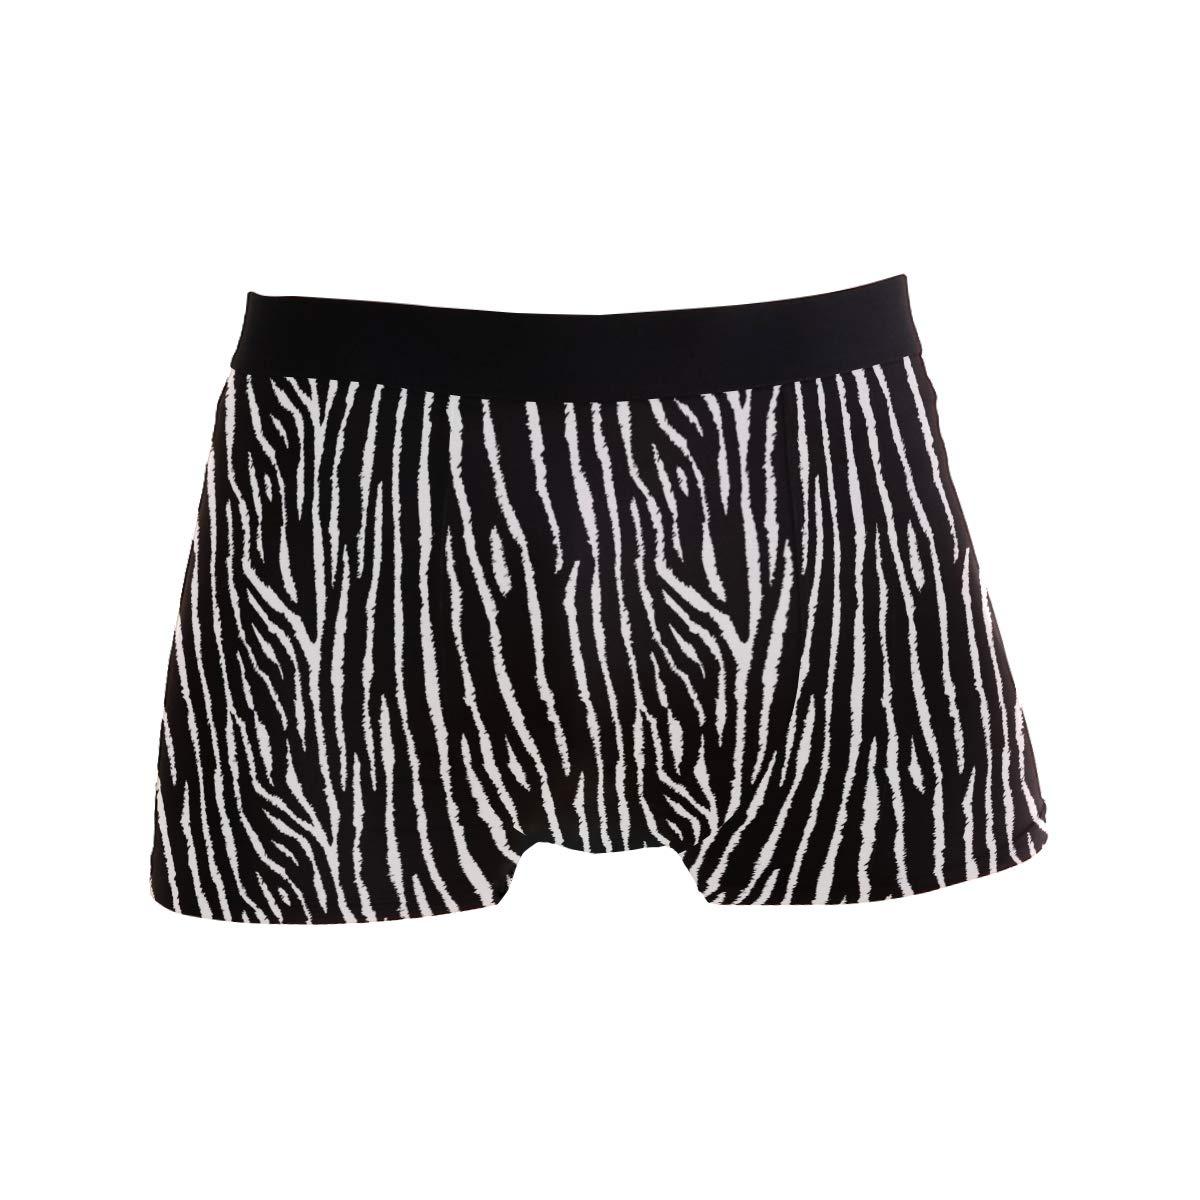 Mens Soft Breathable Tiger Zebra Animal Pattern Underwear Boxer Briefs